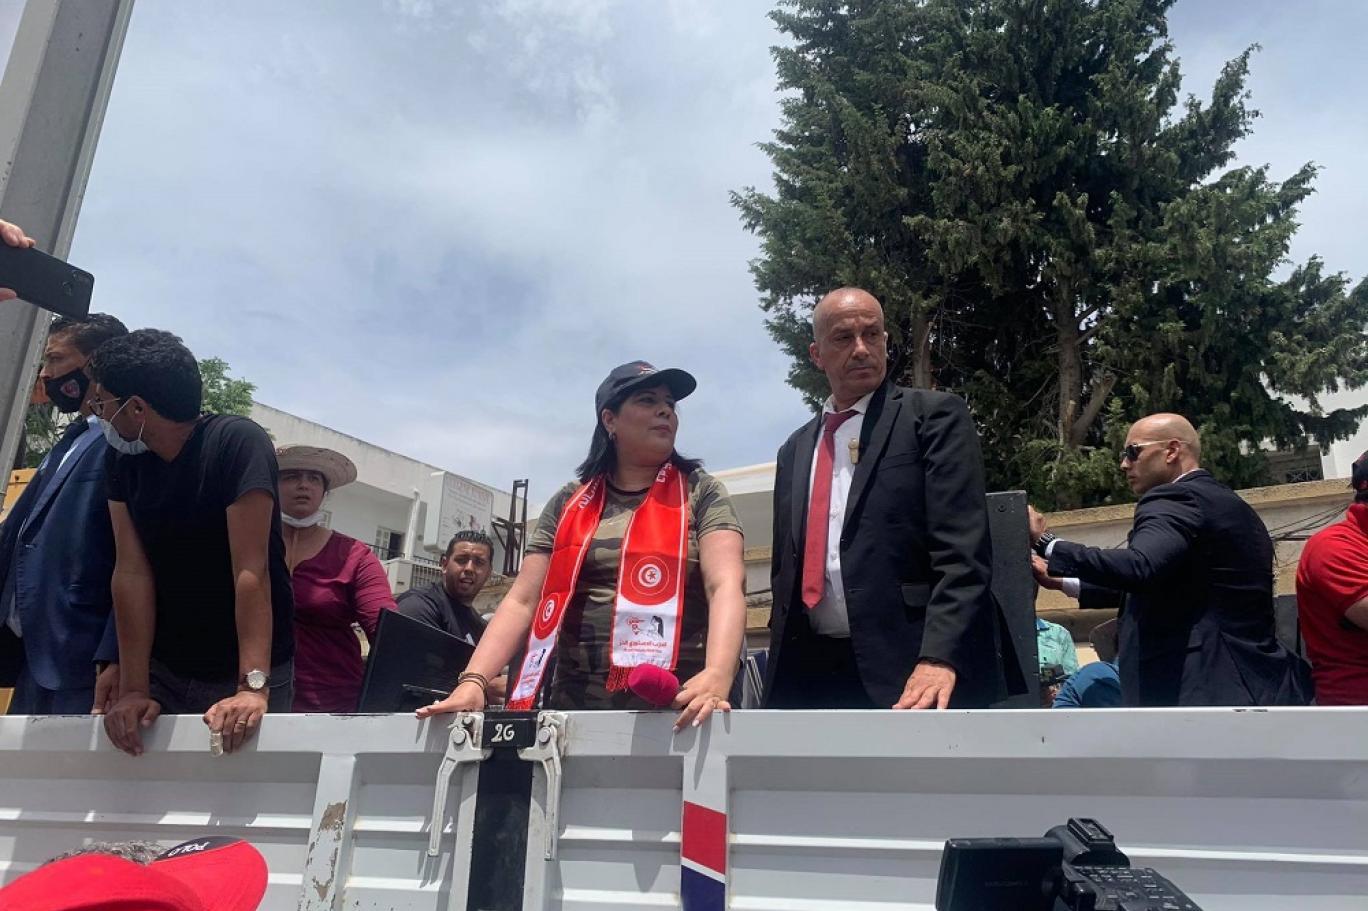 """""""العربية"""" فبركت المظاهرة كعادتها وعبير موسى أغمي عليها أمام البرلمان التونسي"""